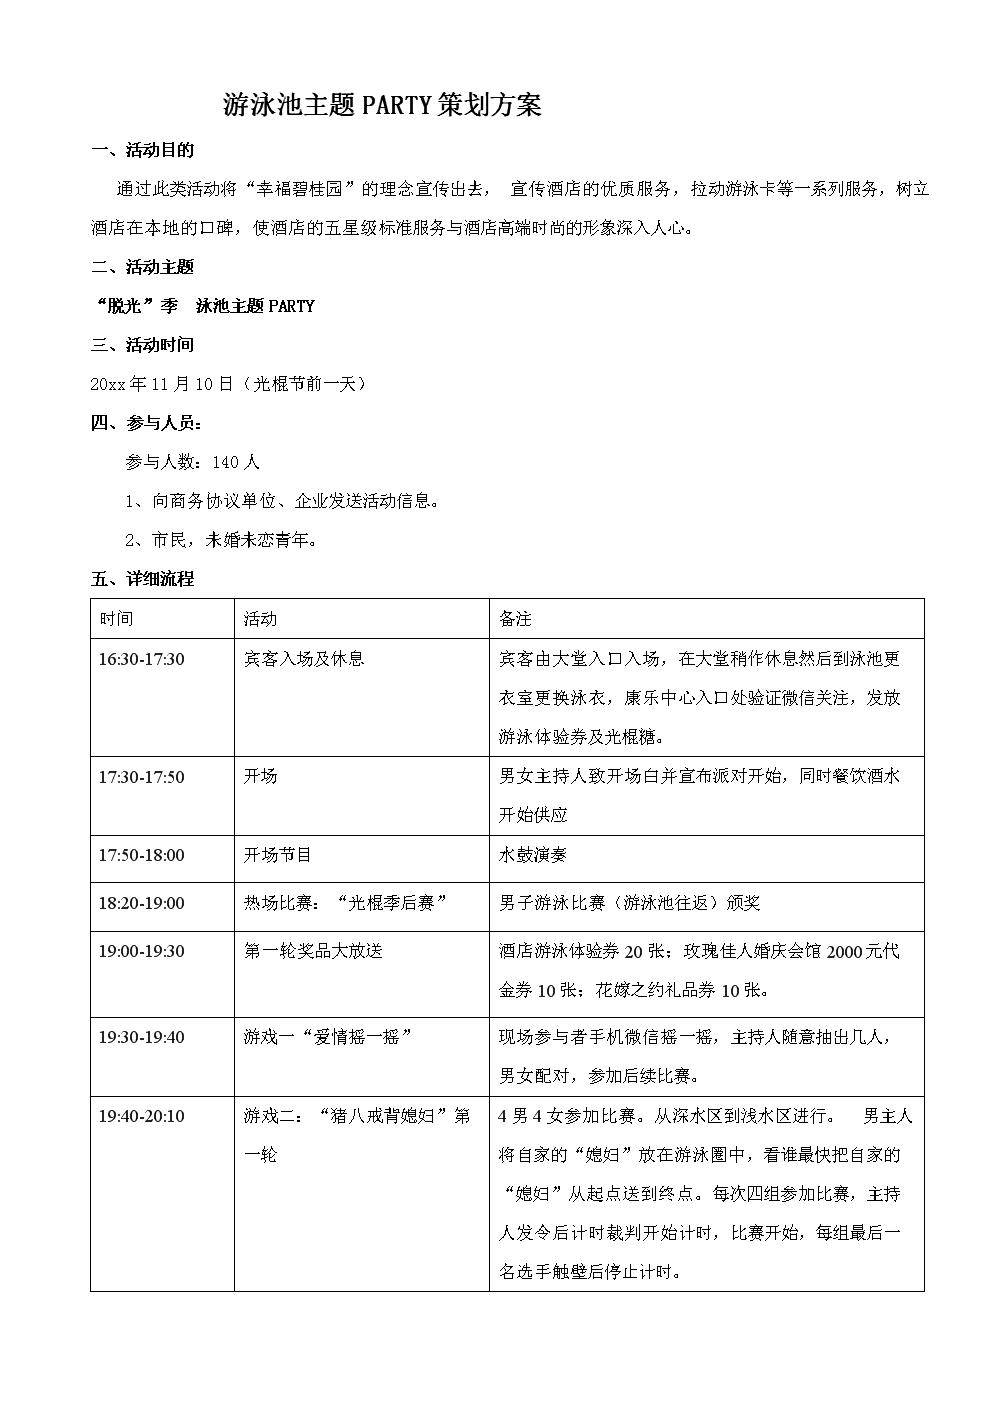 游泳池主题PARTY策划方案.docx